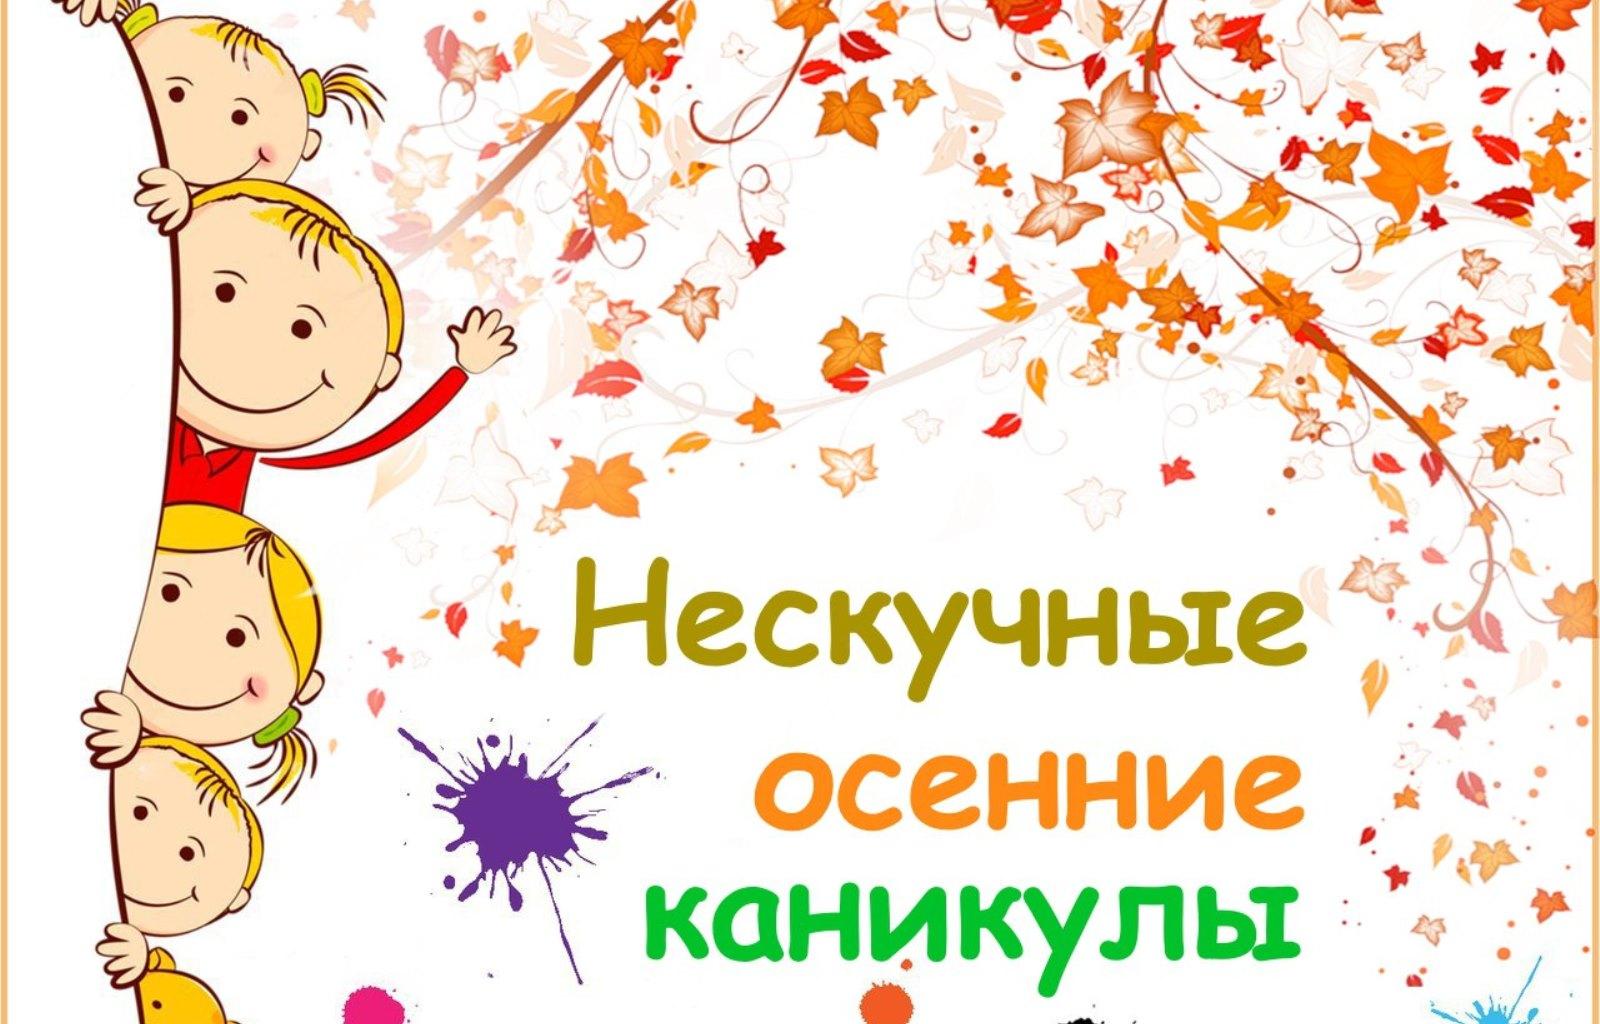 Картинки поздравления с каникулами осенними, аск прикольный романтичные